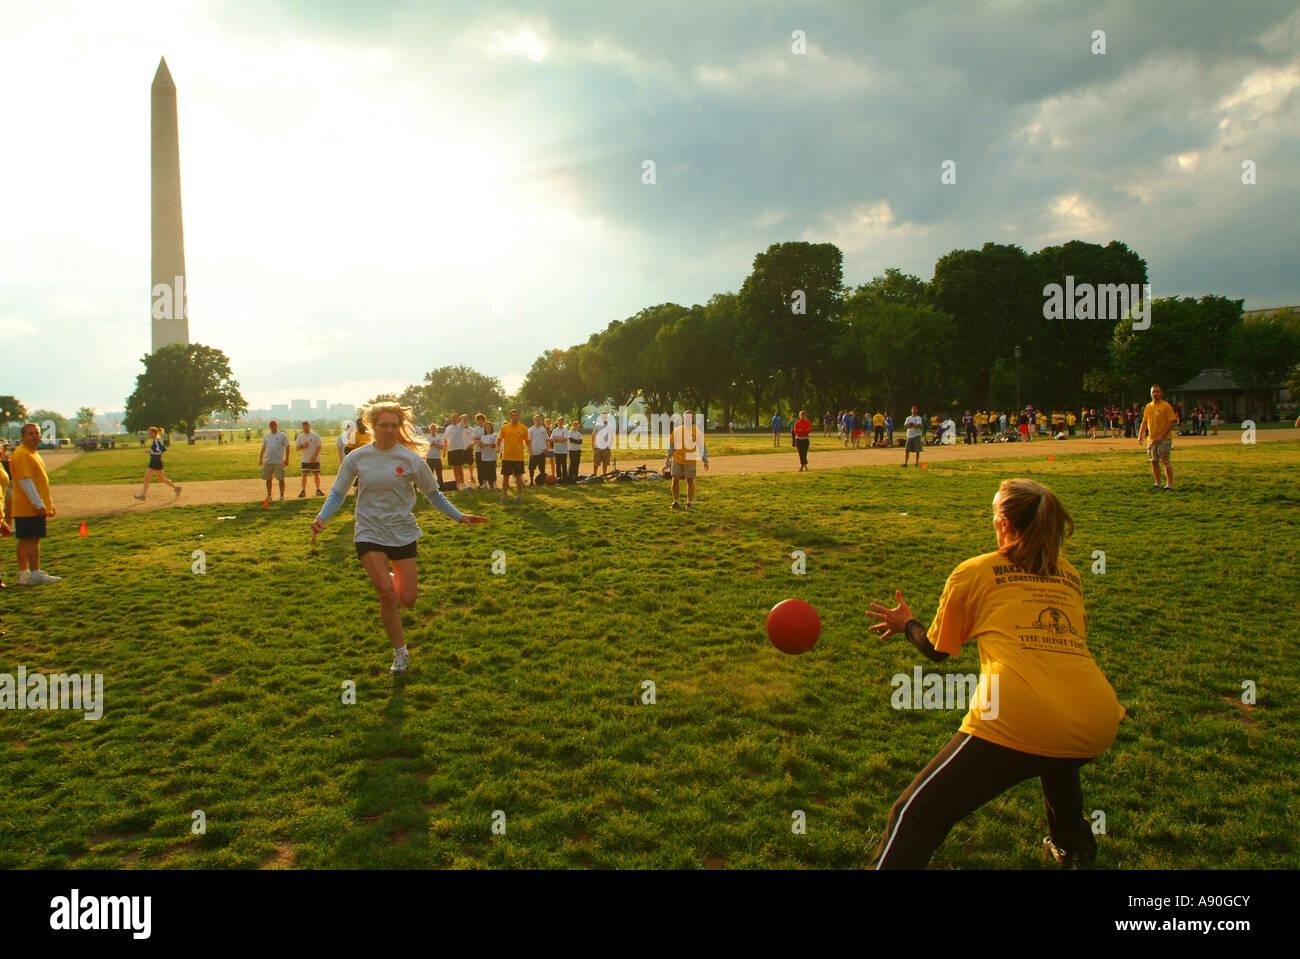 usa-washington-dc-kickball-tournament-on-the-national-mall-A90GCY.jpg